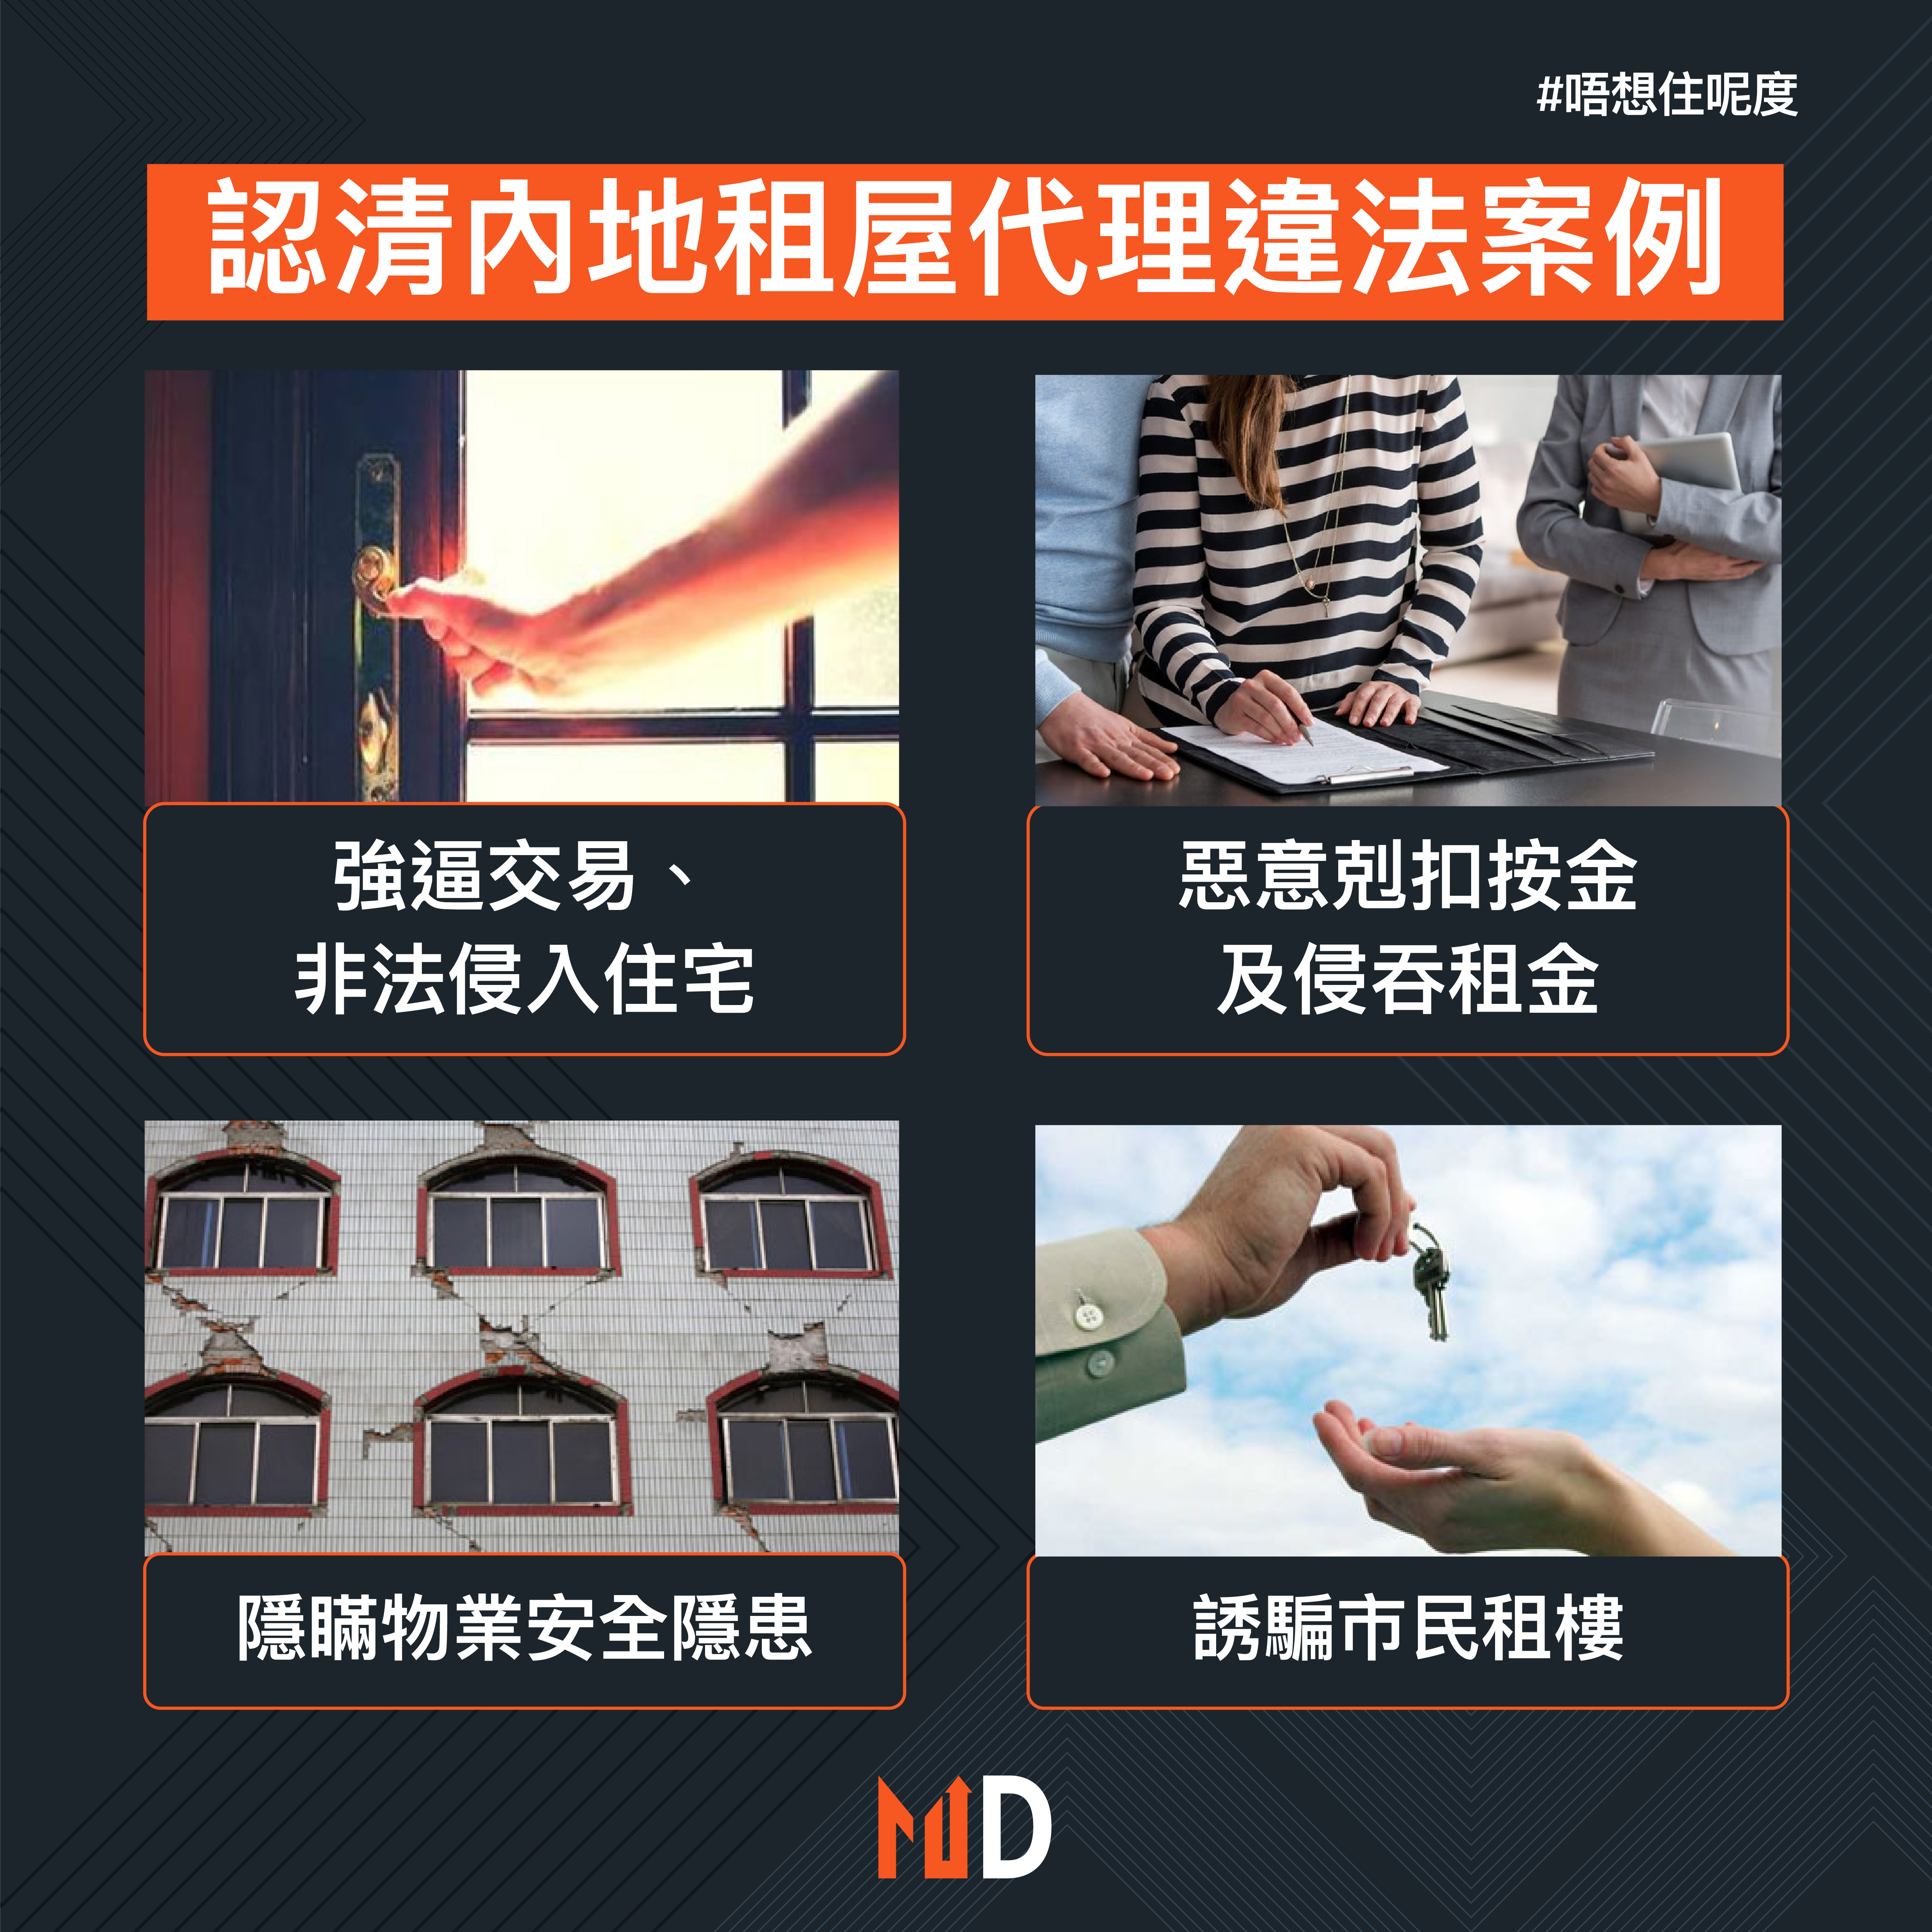 【唔想住呢度】認清內地租屋代理違法案例